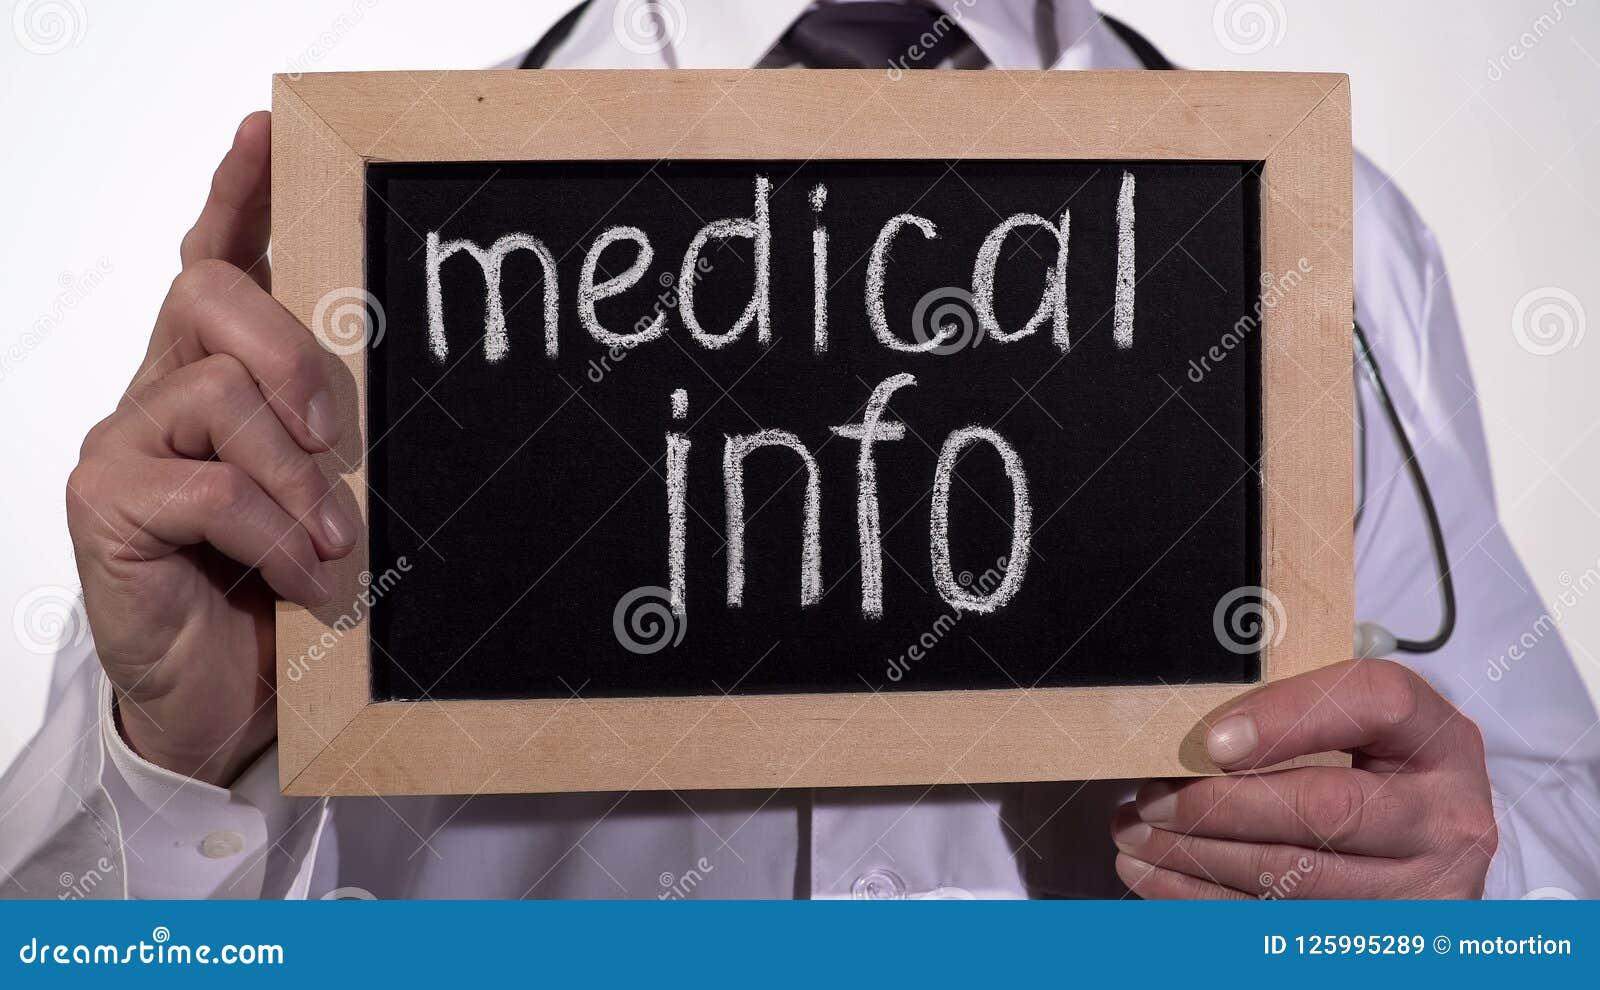 Ιατρικό κείμενο πληροφοριών στον πίνακα στα χέρια γιατρών, διαβουλεύσεις με το θεράποντα